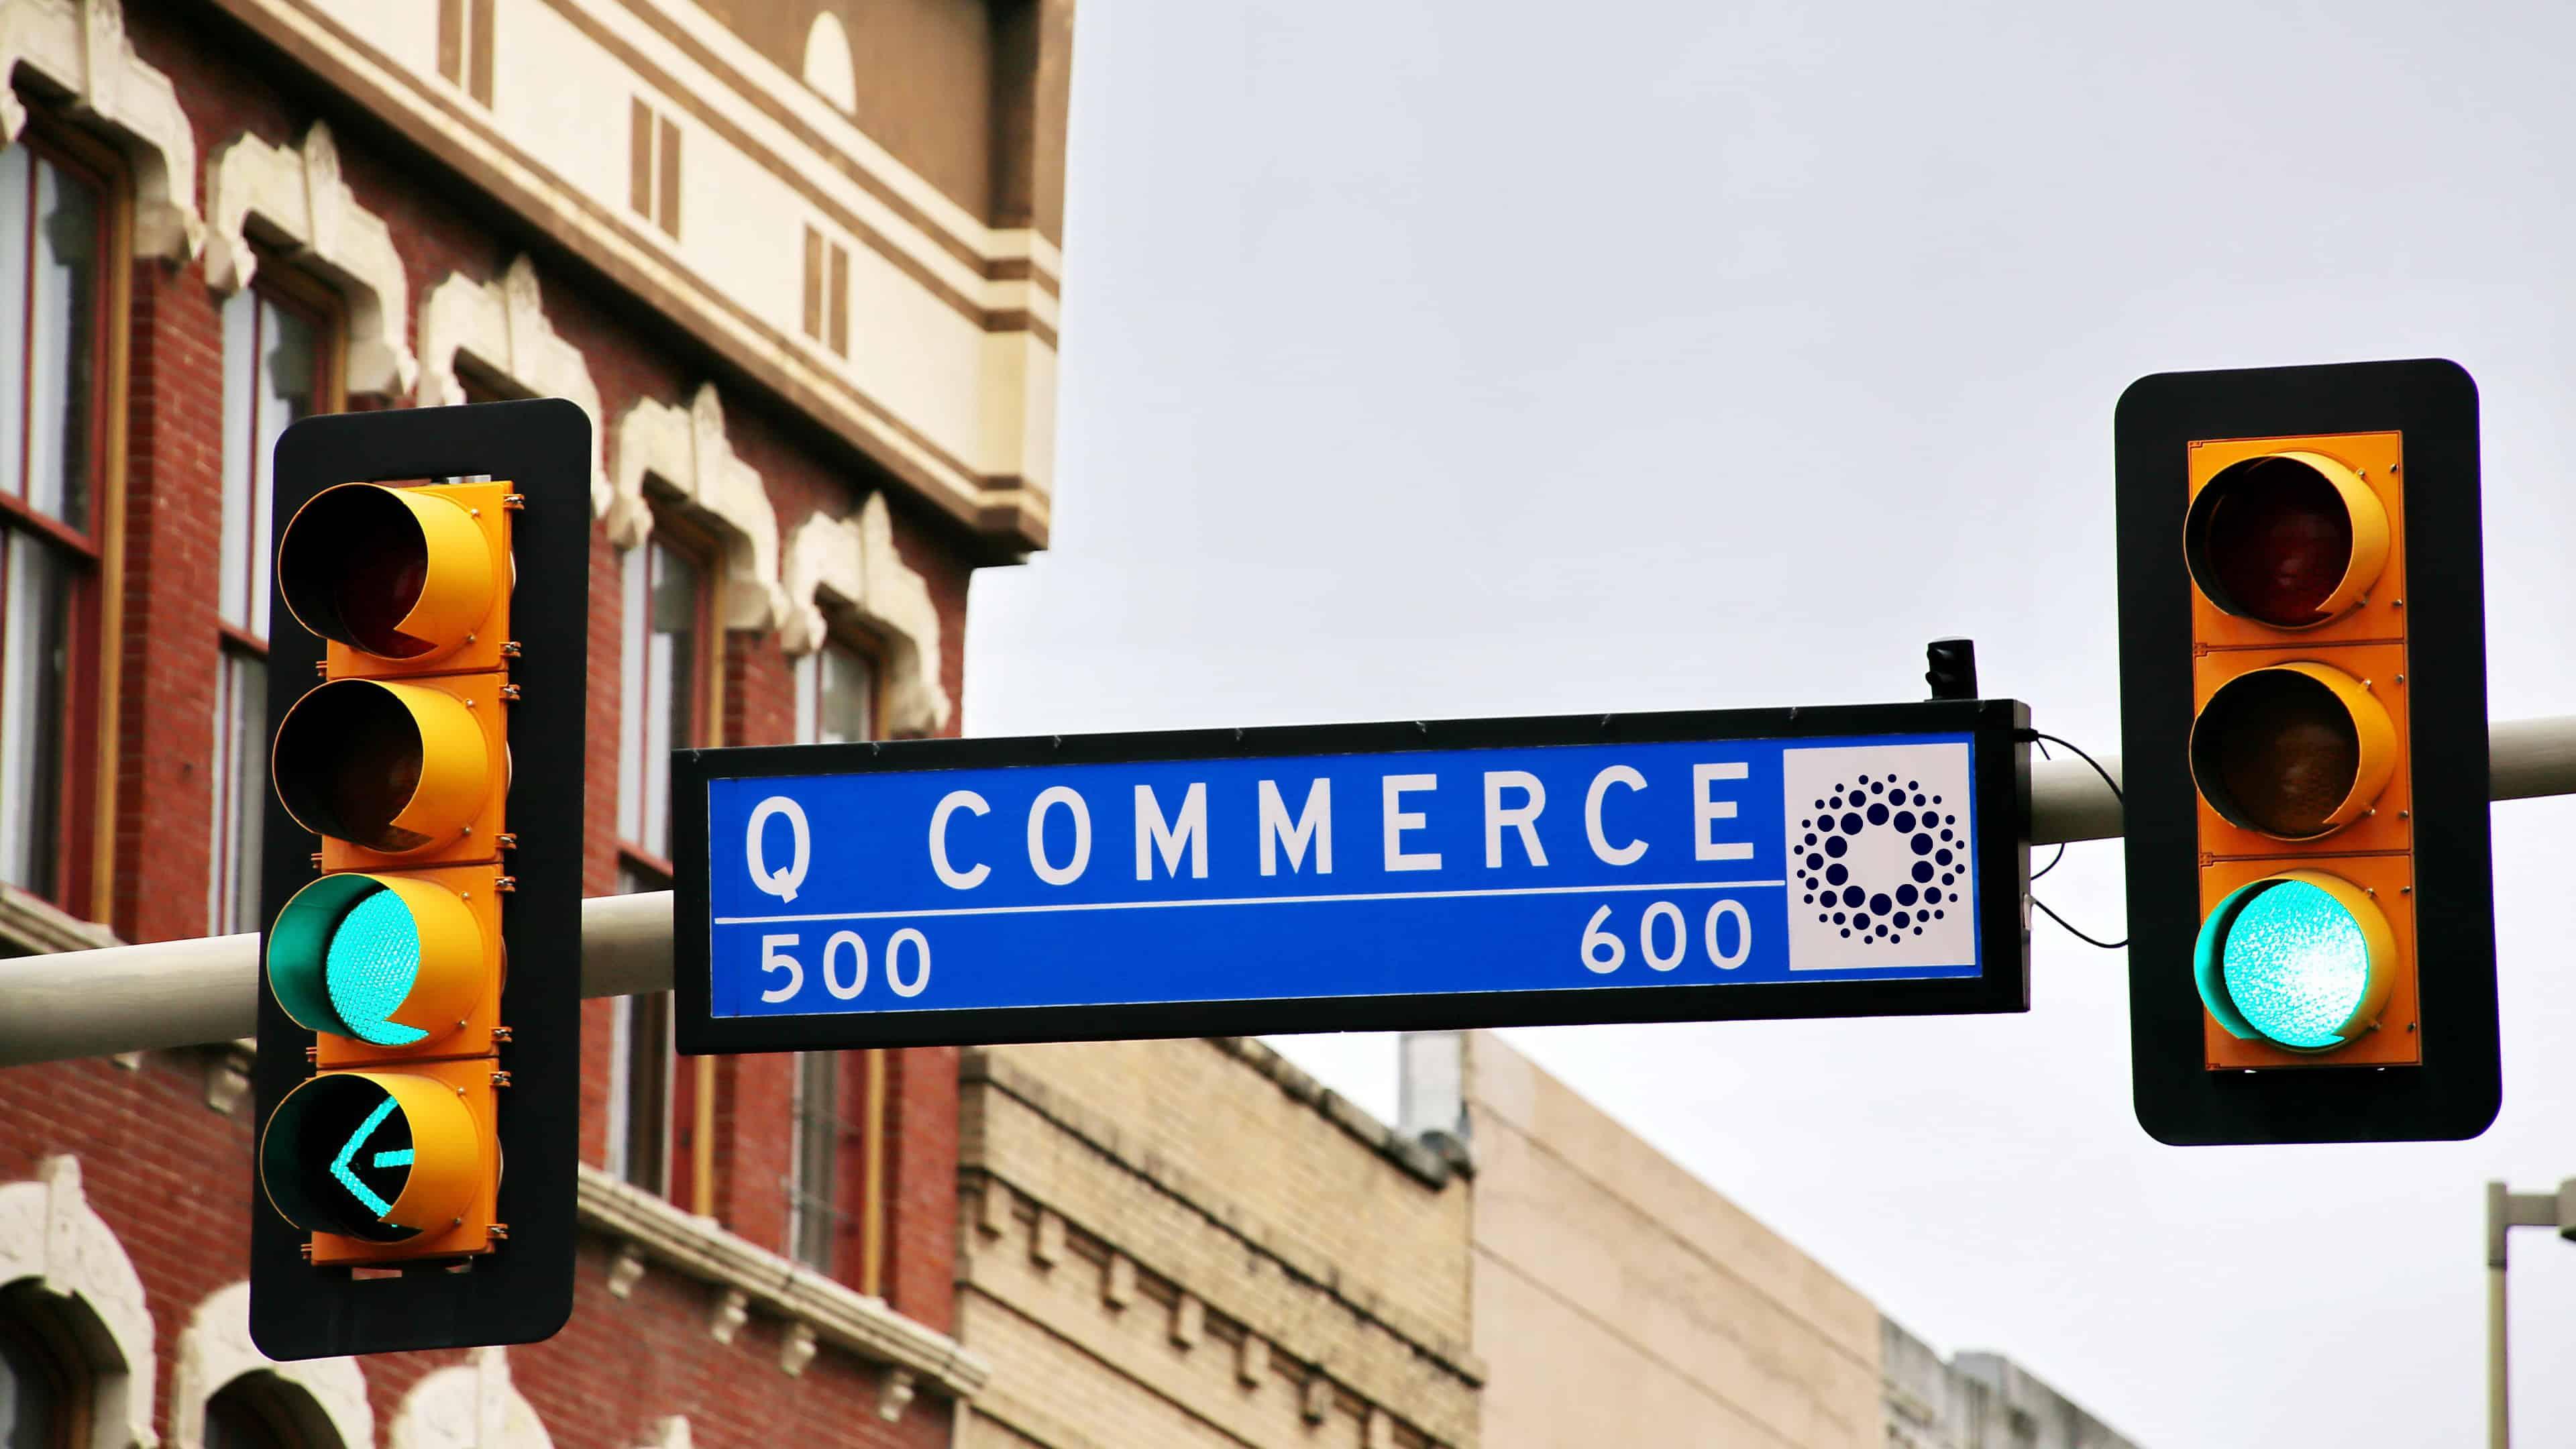 Q-commerce